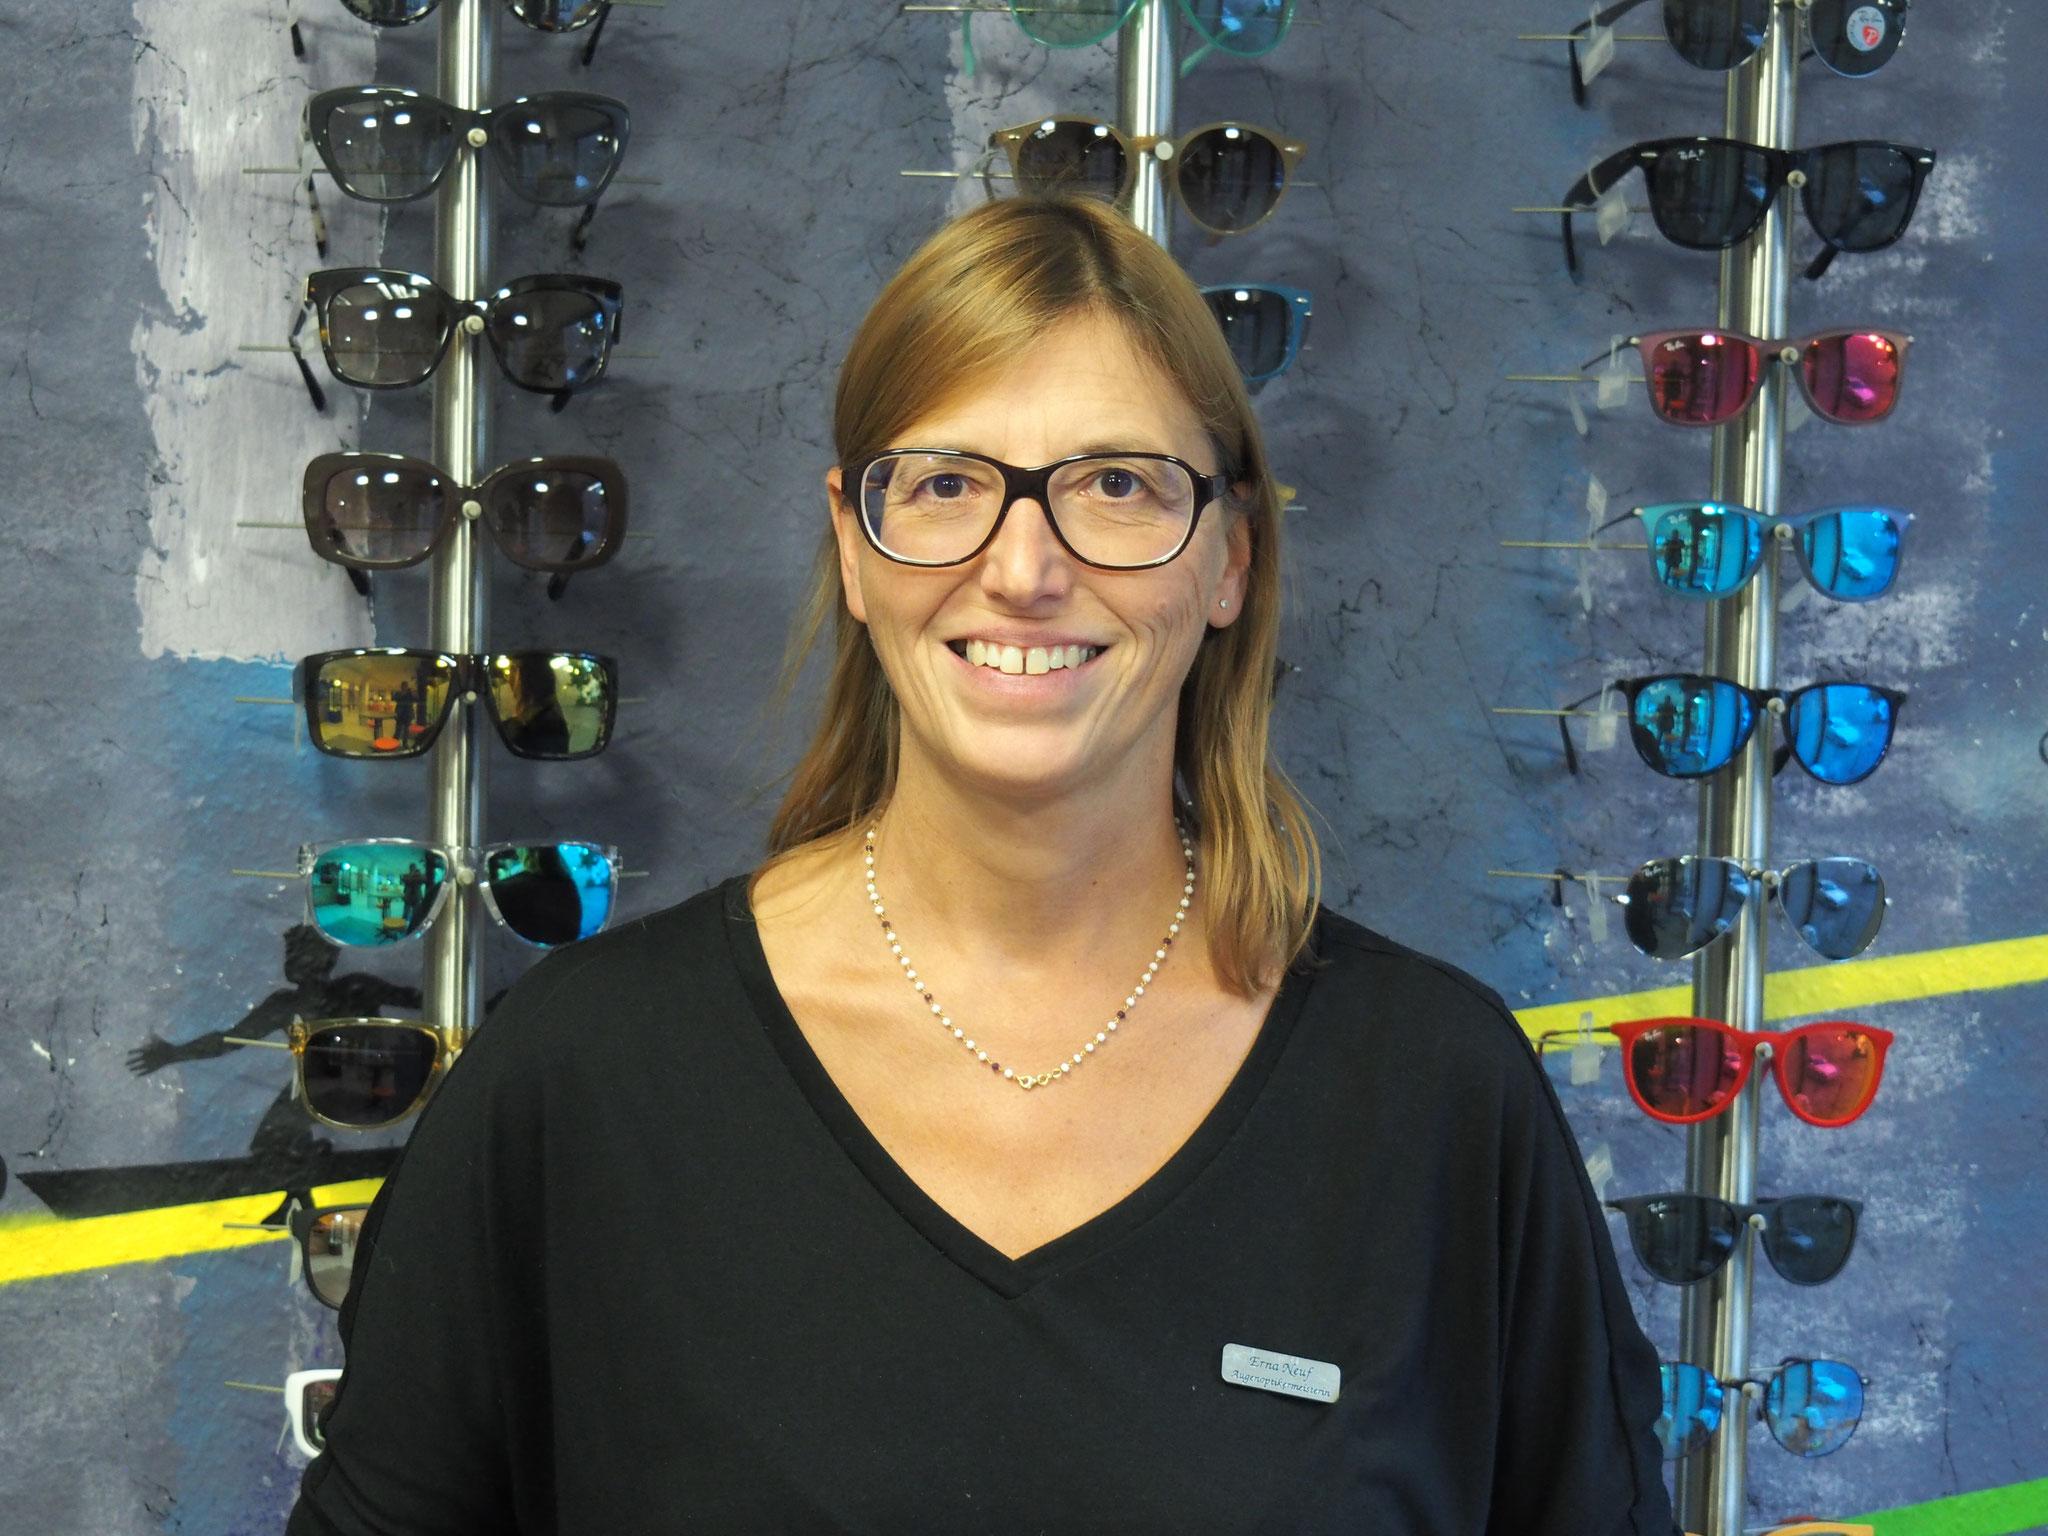 Unsere Augenoptikermeisterin